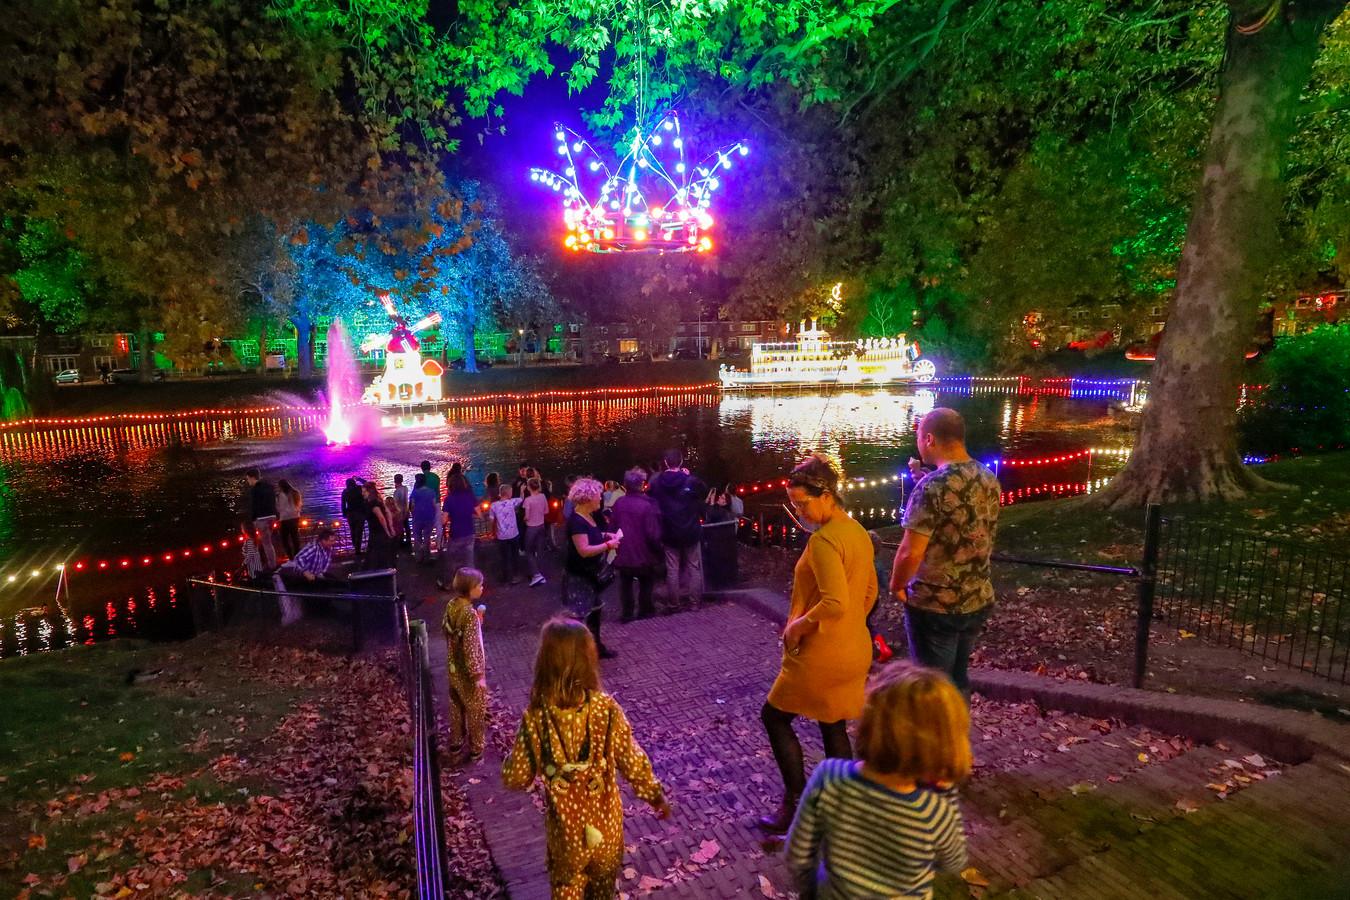 """laaste avond lichtjesroute een van de meest bezochte punten is de """"eendjes vijver"""""""